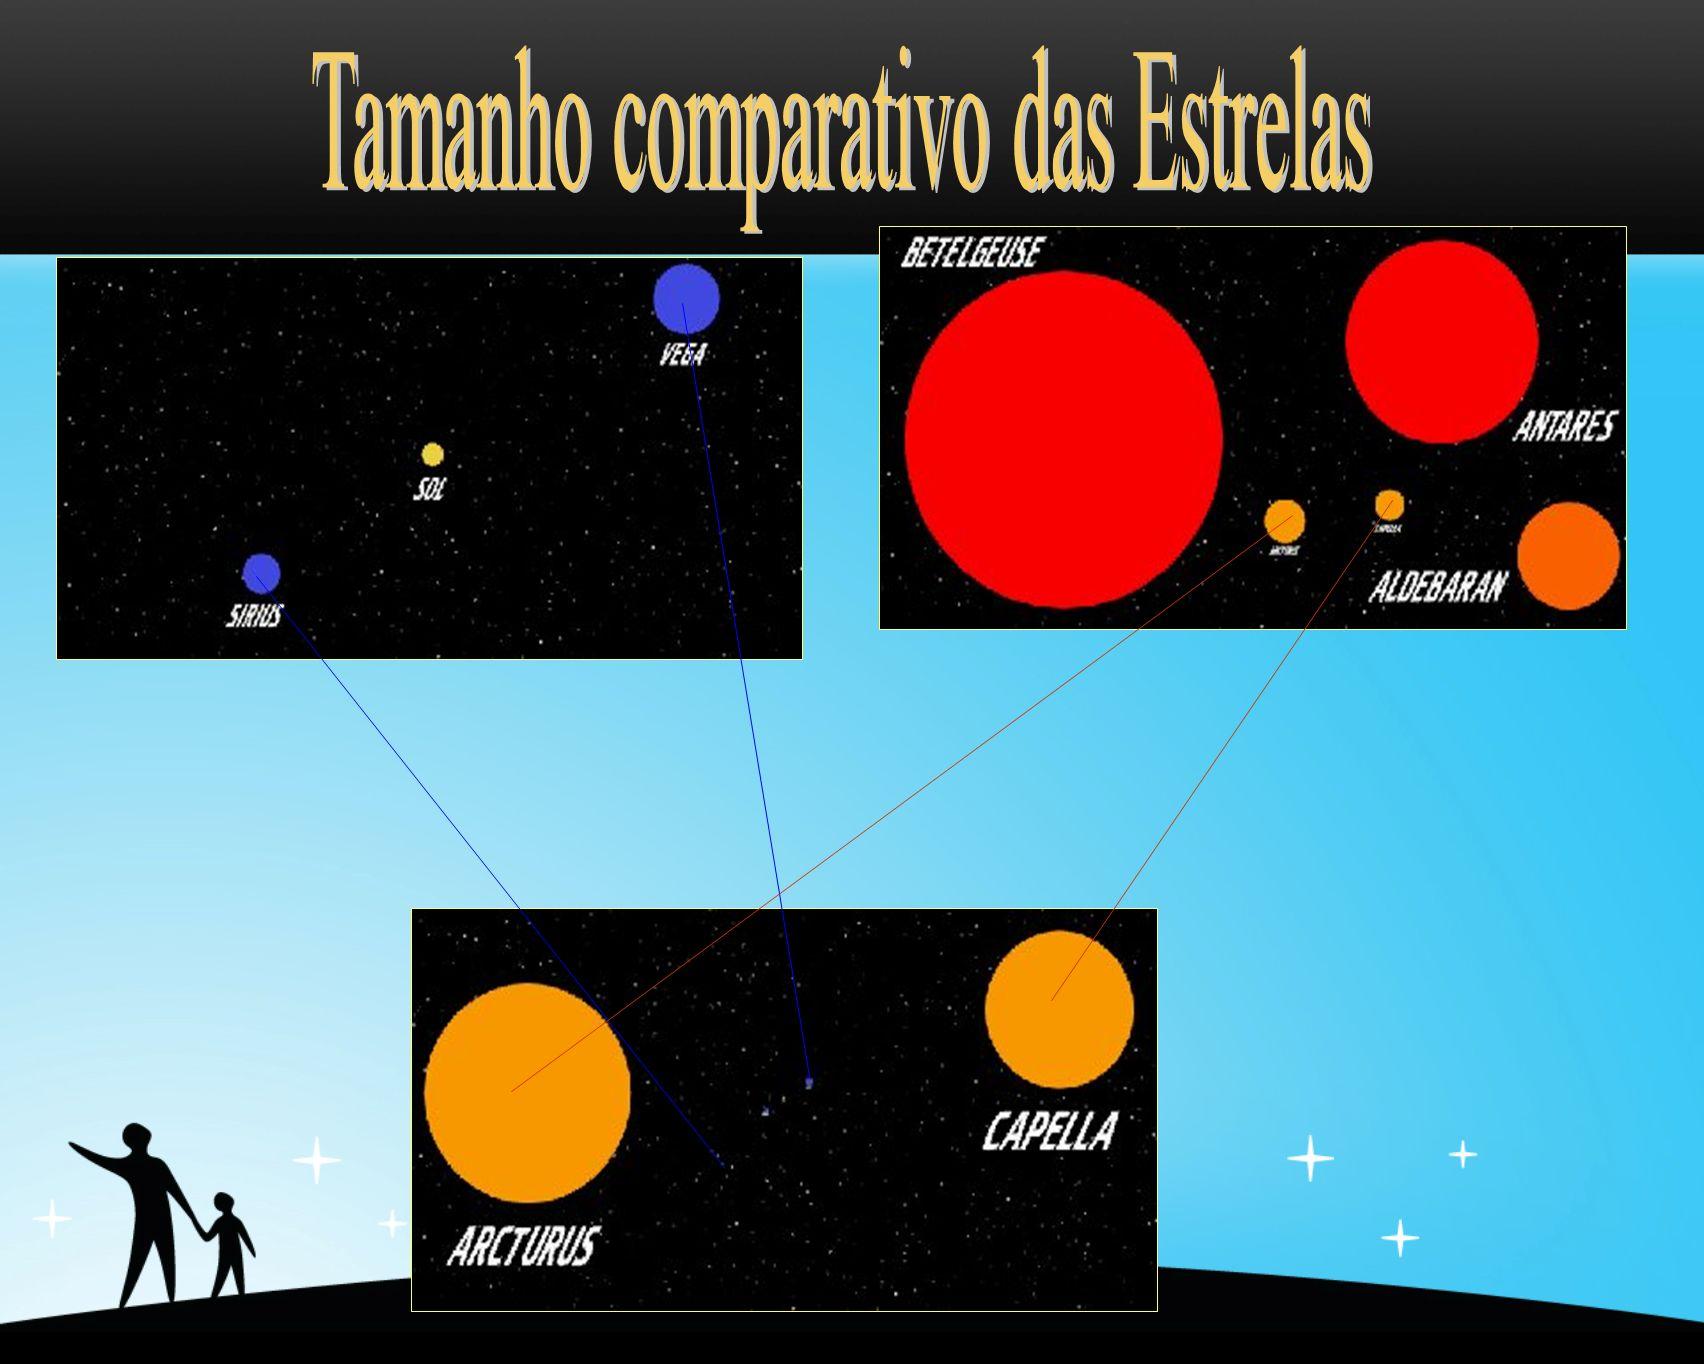 Tamanho comparativo das Estrelas